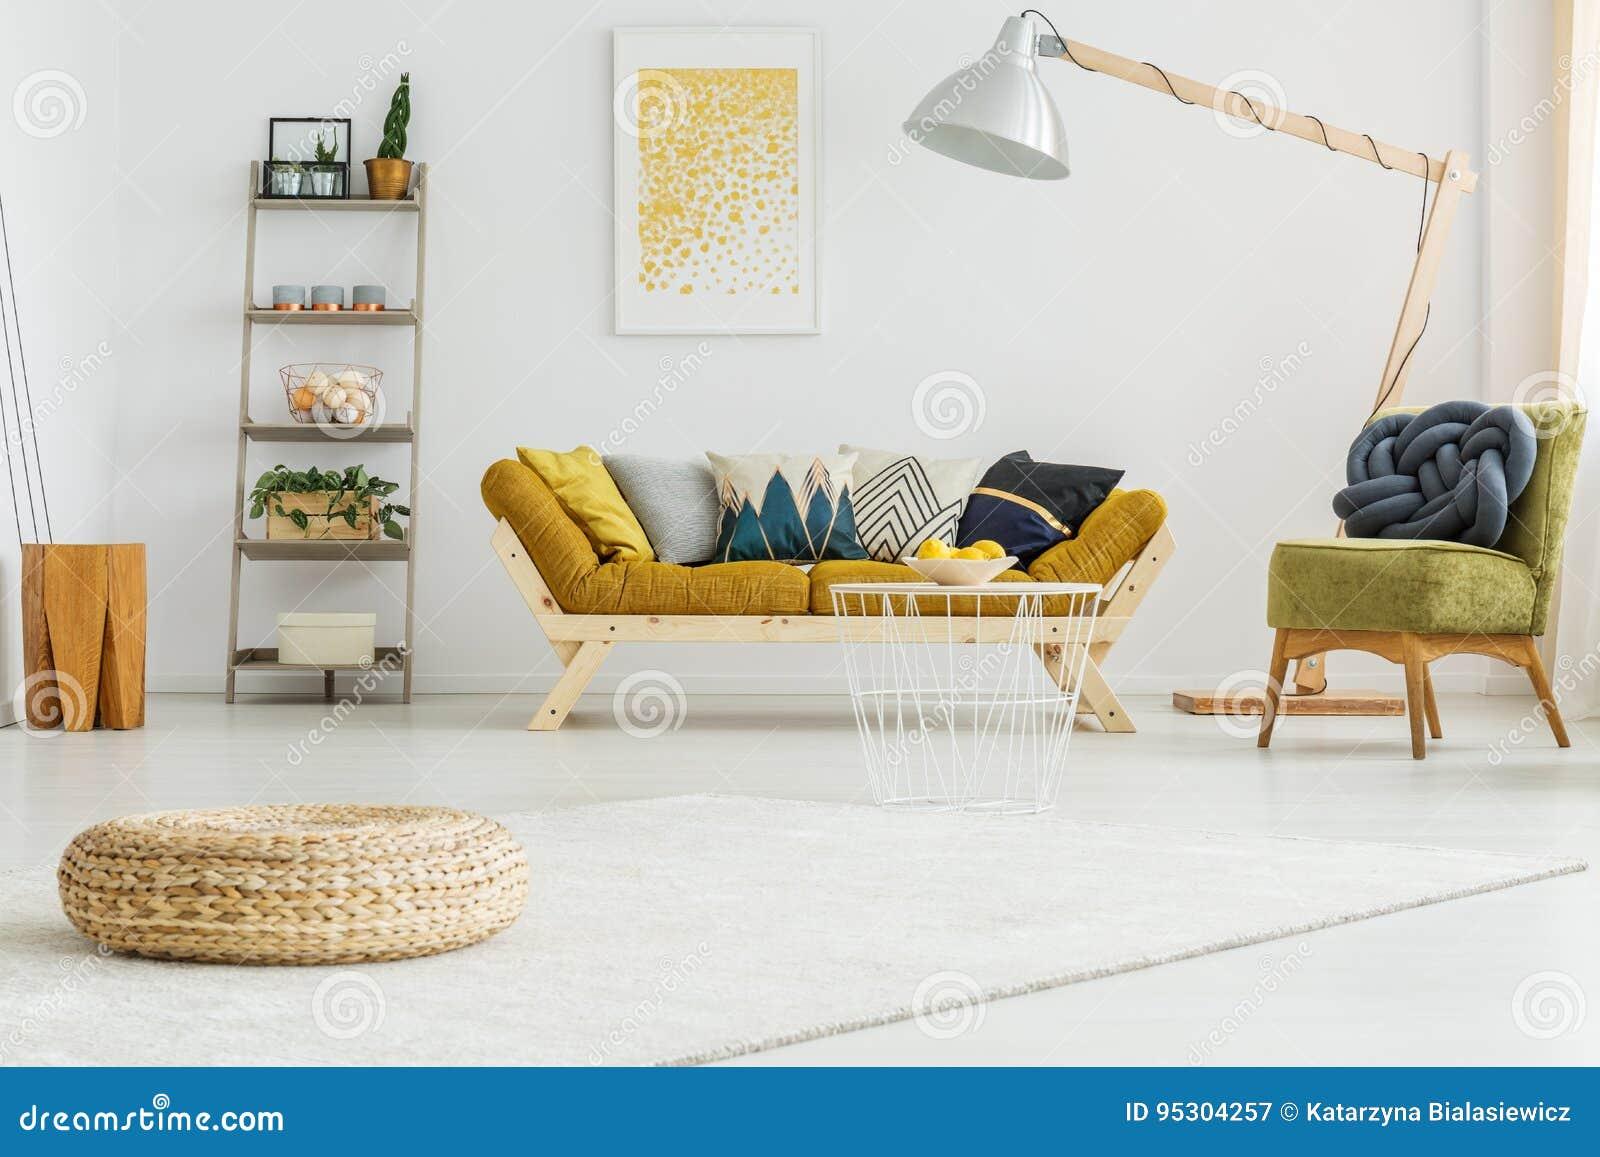 Tapijt In Woonkamer : Wit tapijt in woonkamer stock afbeelding afbeelding bestaande uit